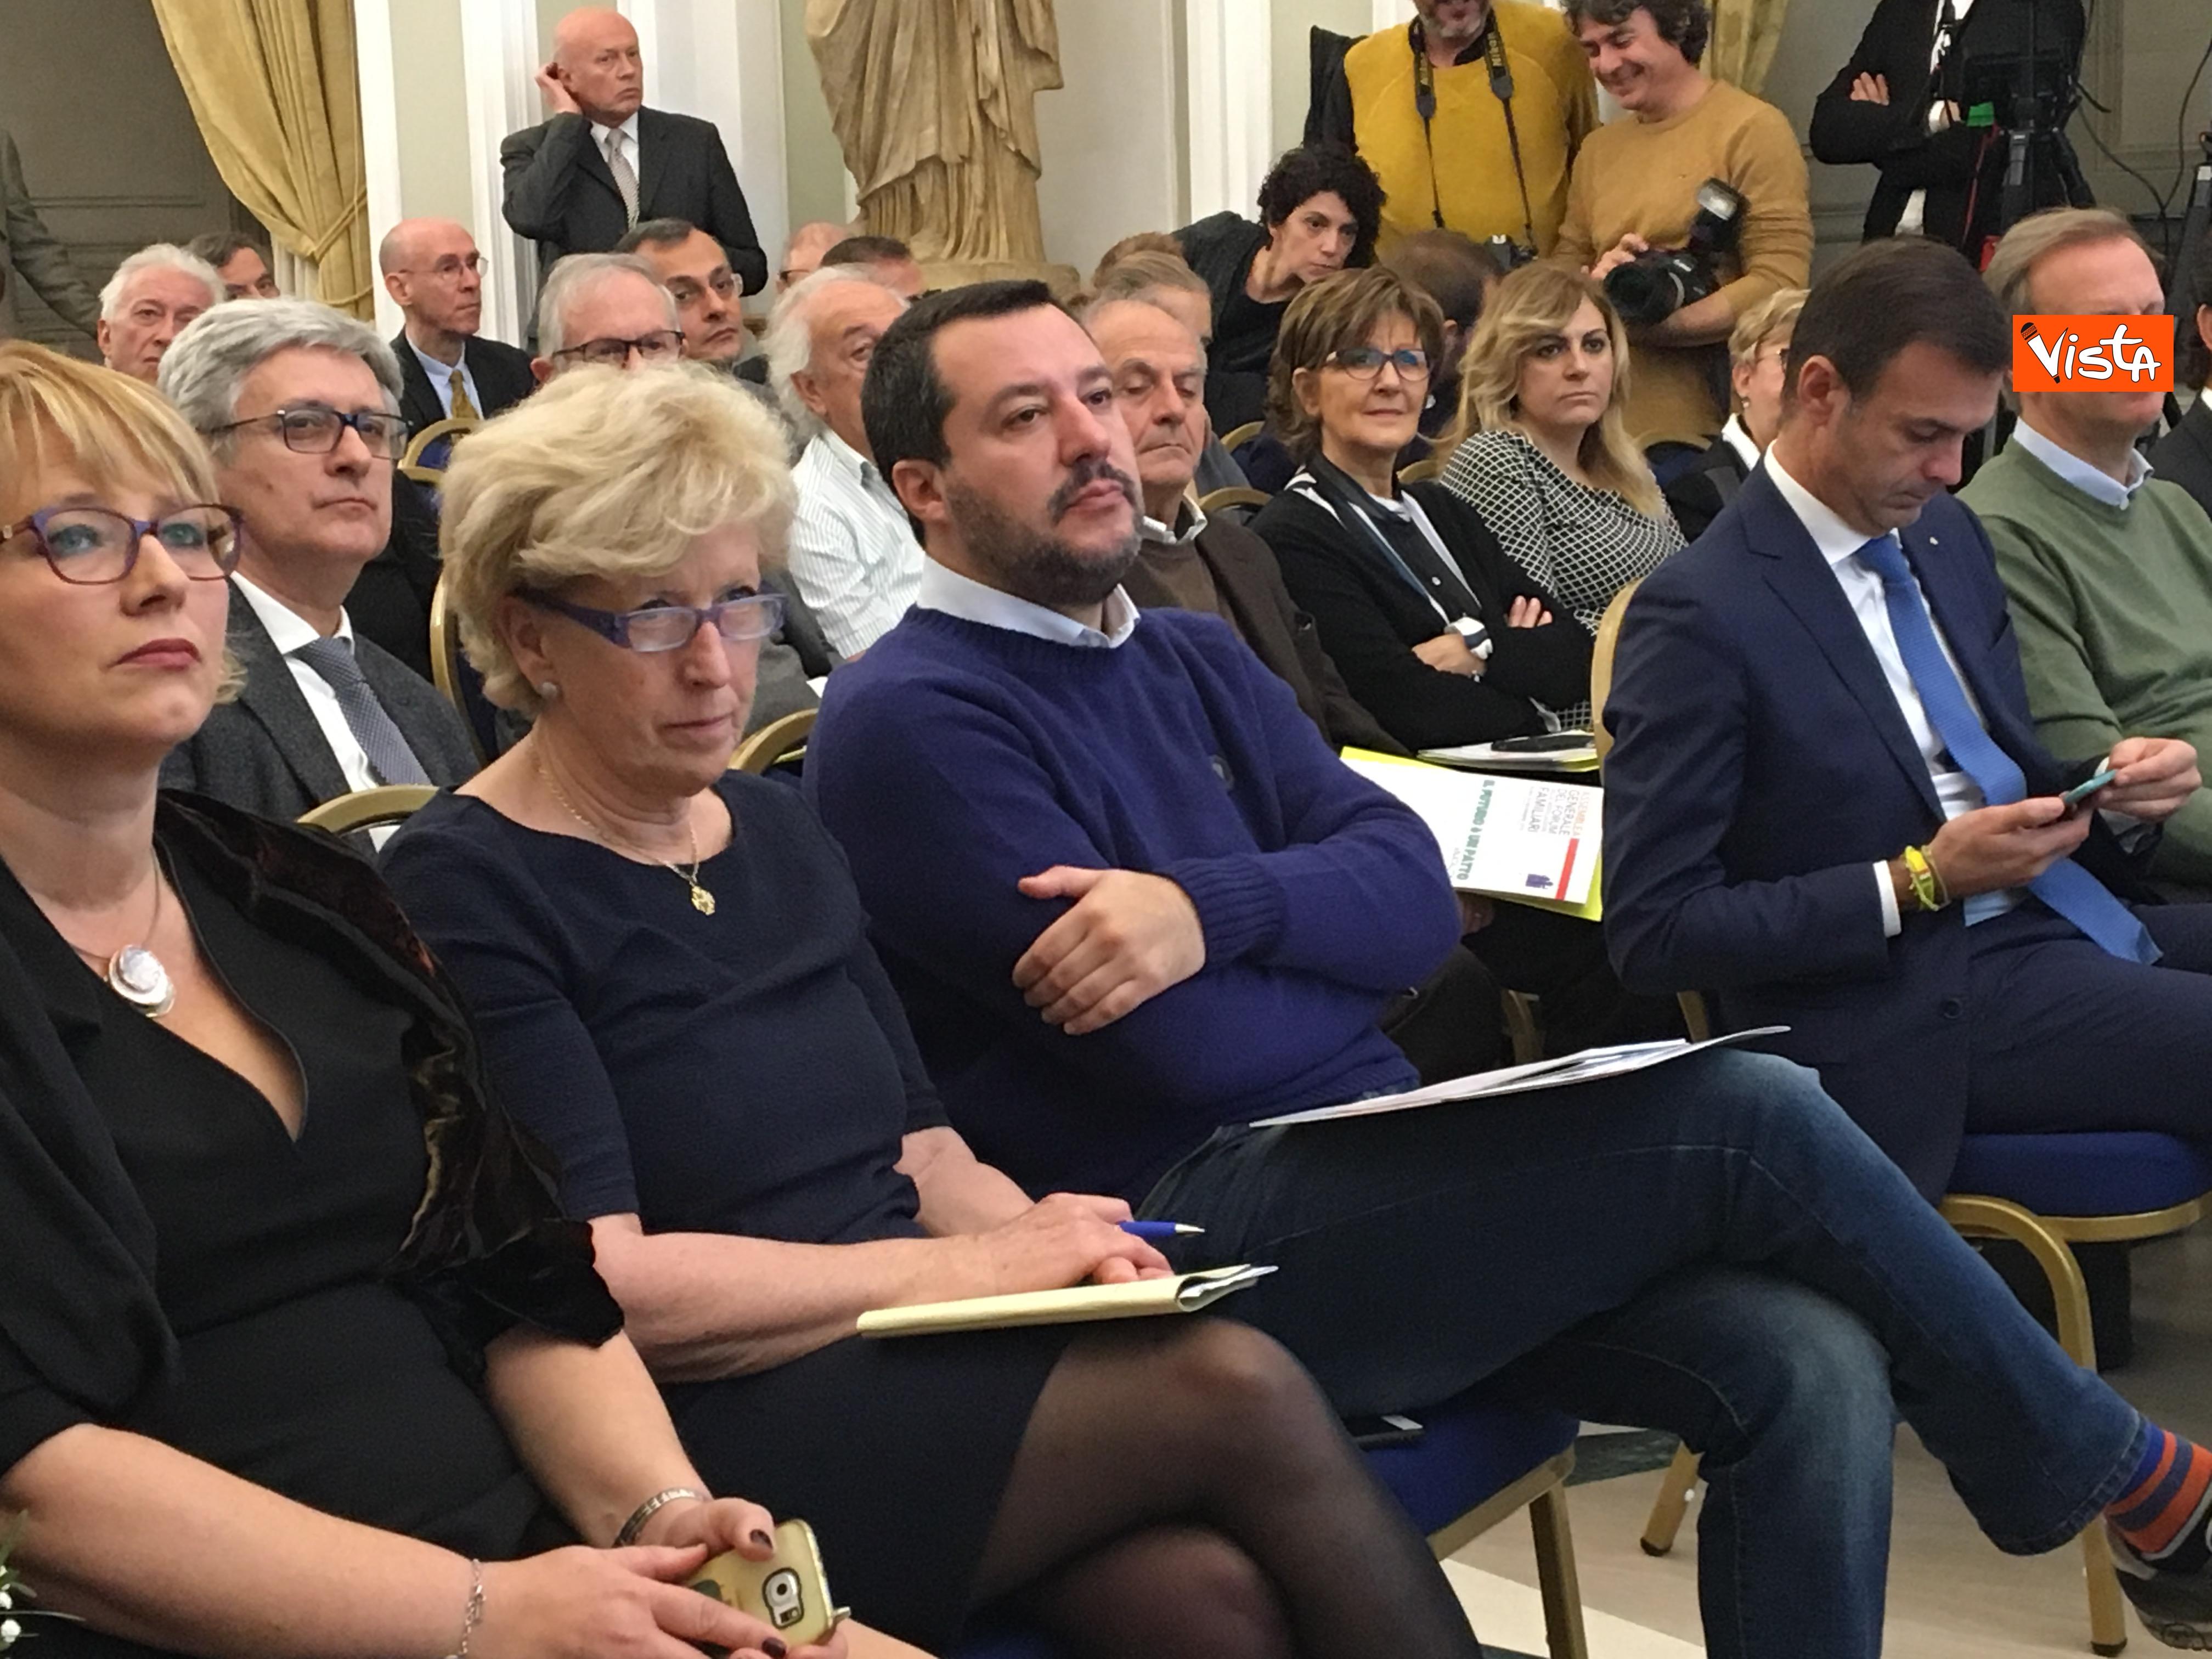 24-11-18 Forum associazioni familiari con Salvini immagini_06